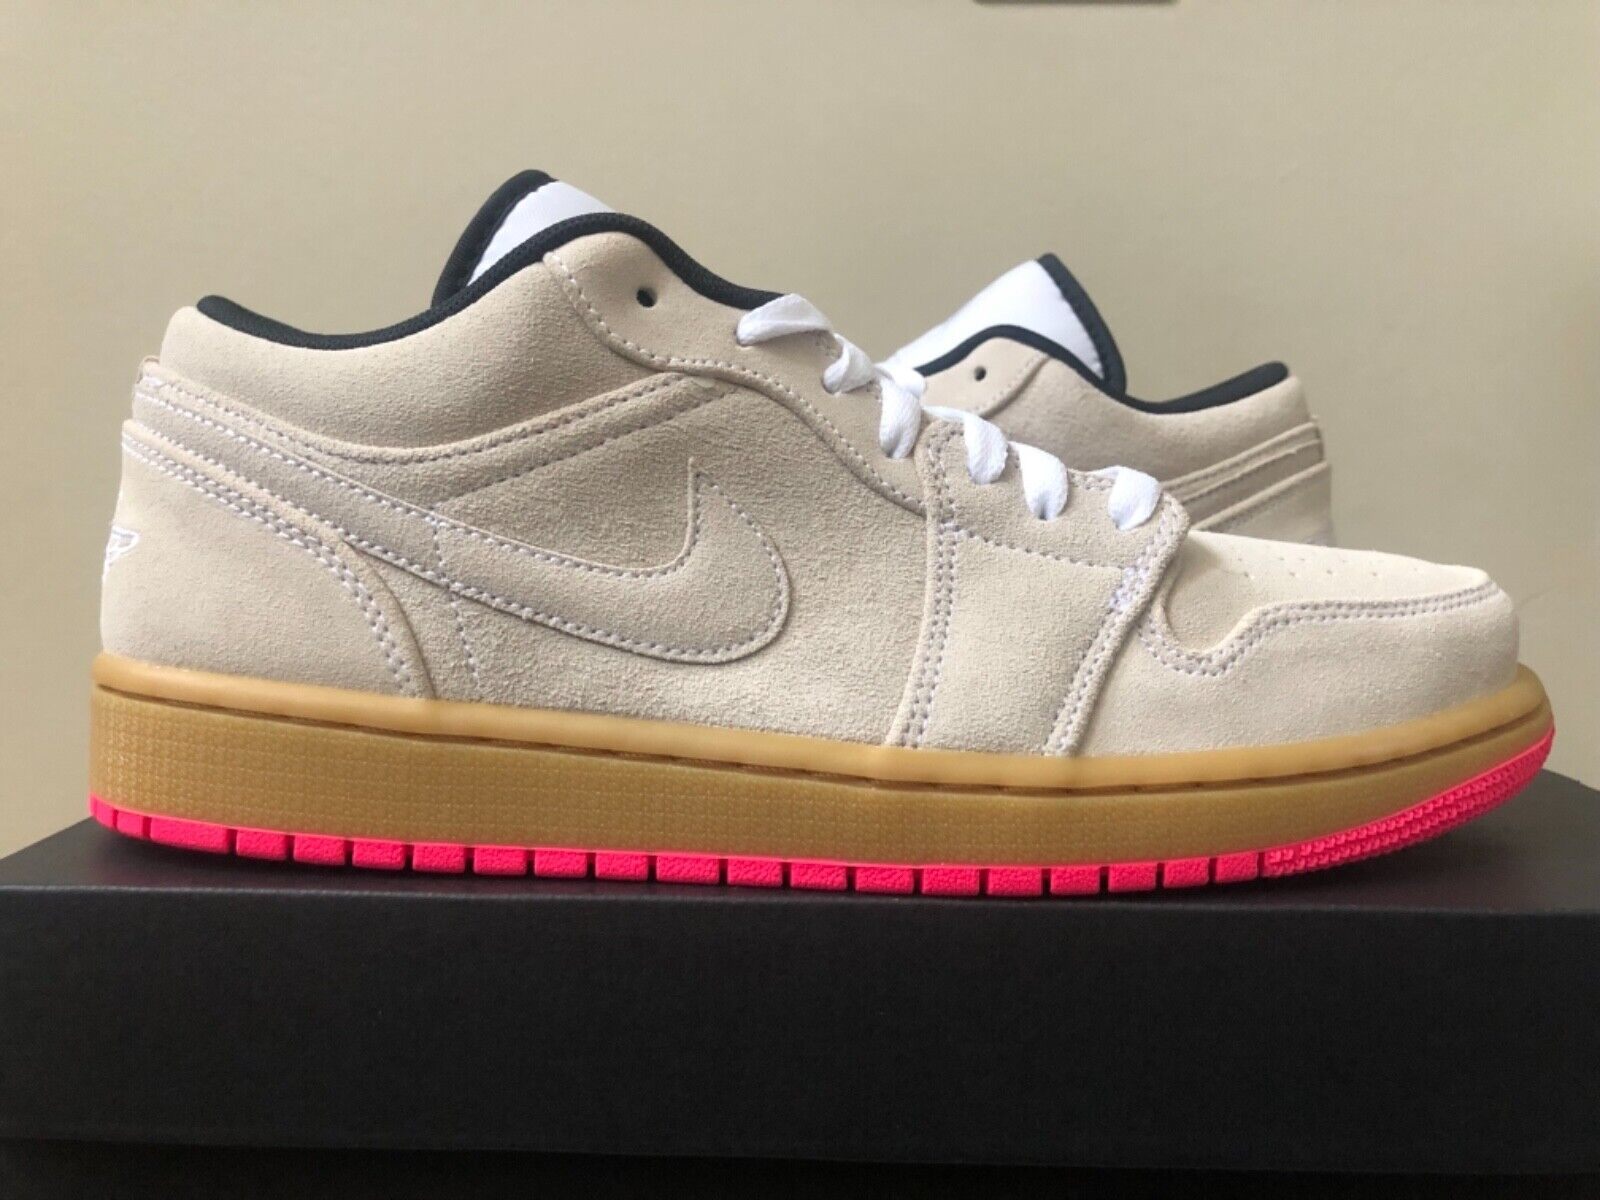 4d62f2c3d2c9 Air Jordan 1 Gum Pink 553558-119 Size 7-14 100% Authentic Low Brown ...